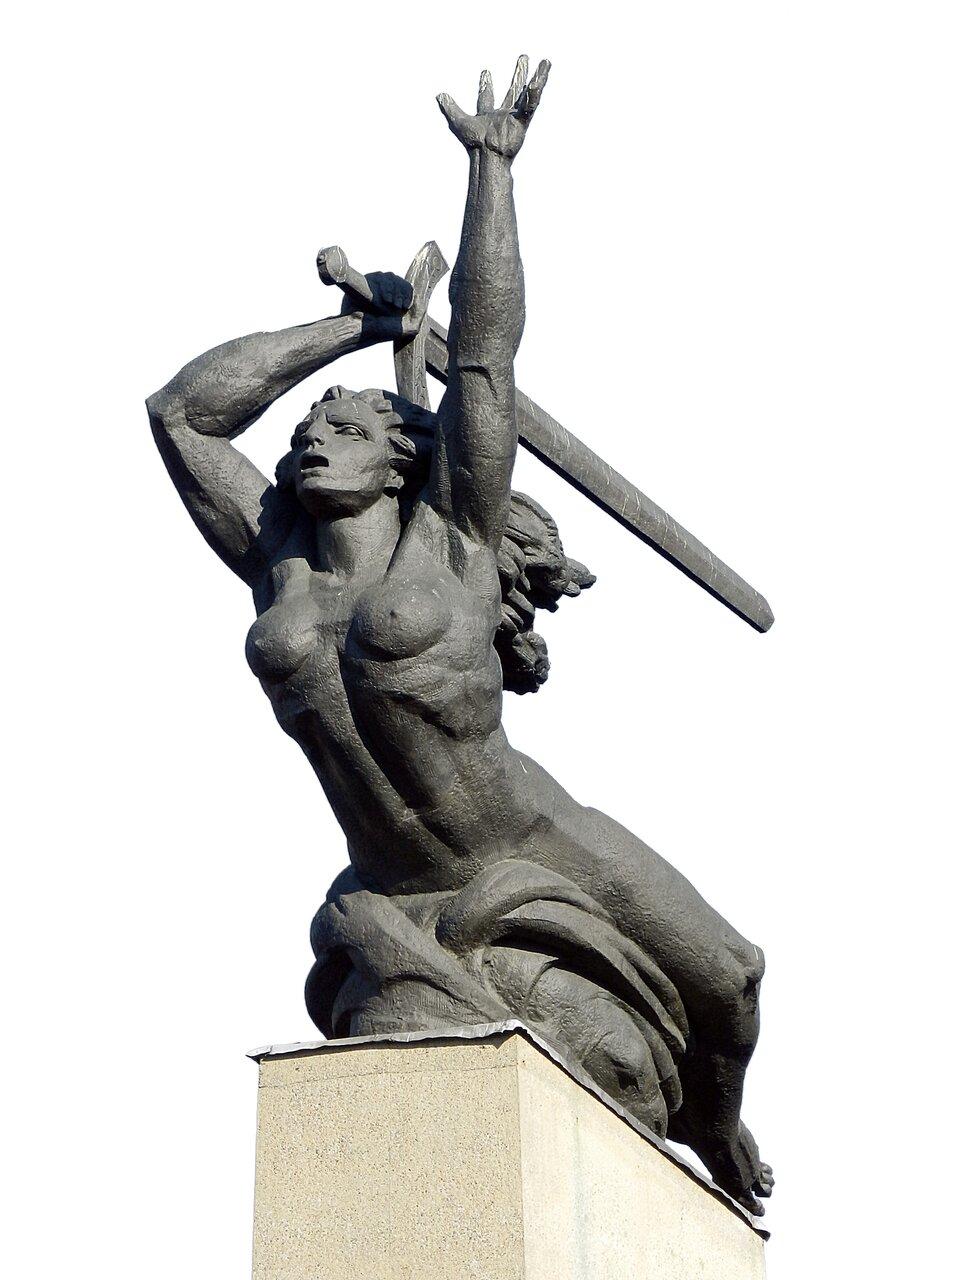 Pomnik Bohaterów Warszawy 1939-1945 Pomnik Bohaterów Warszawy 1939-1945 Źródło: Bartosz Morąg, fotografia barwna, licencja: CC BY-SA 3.0.